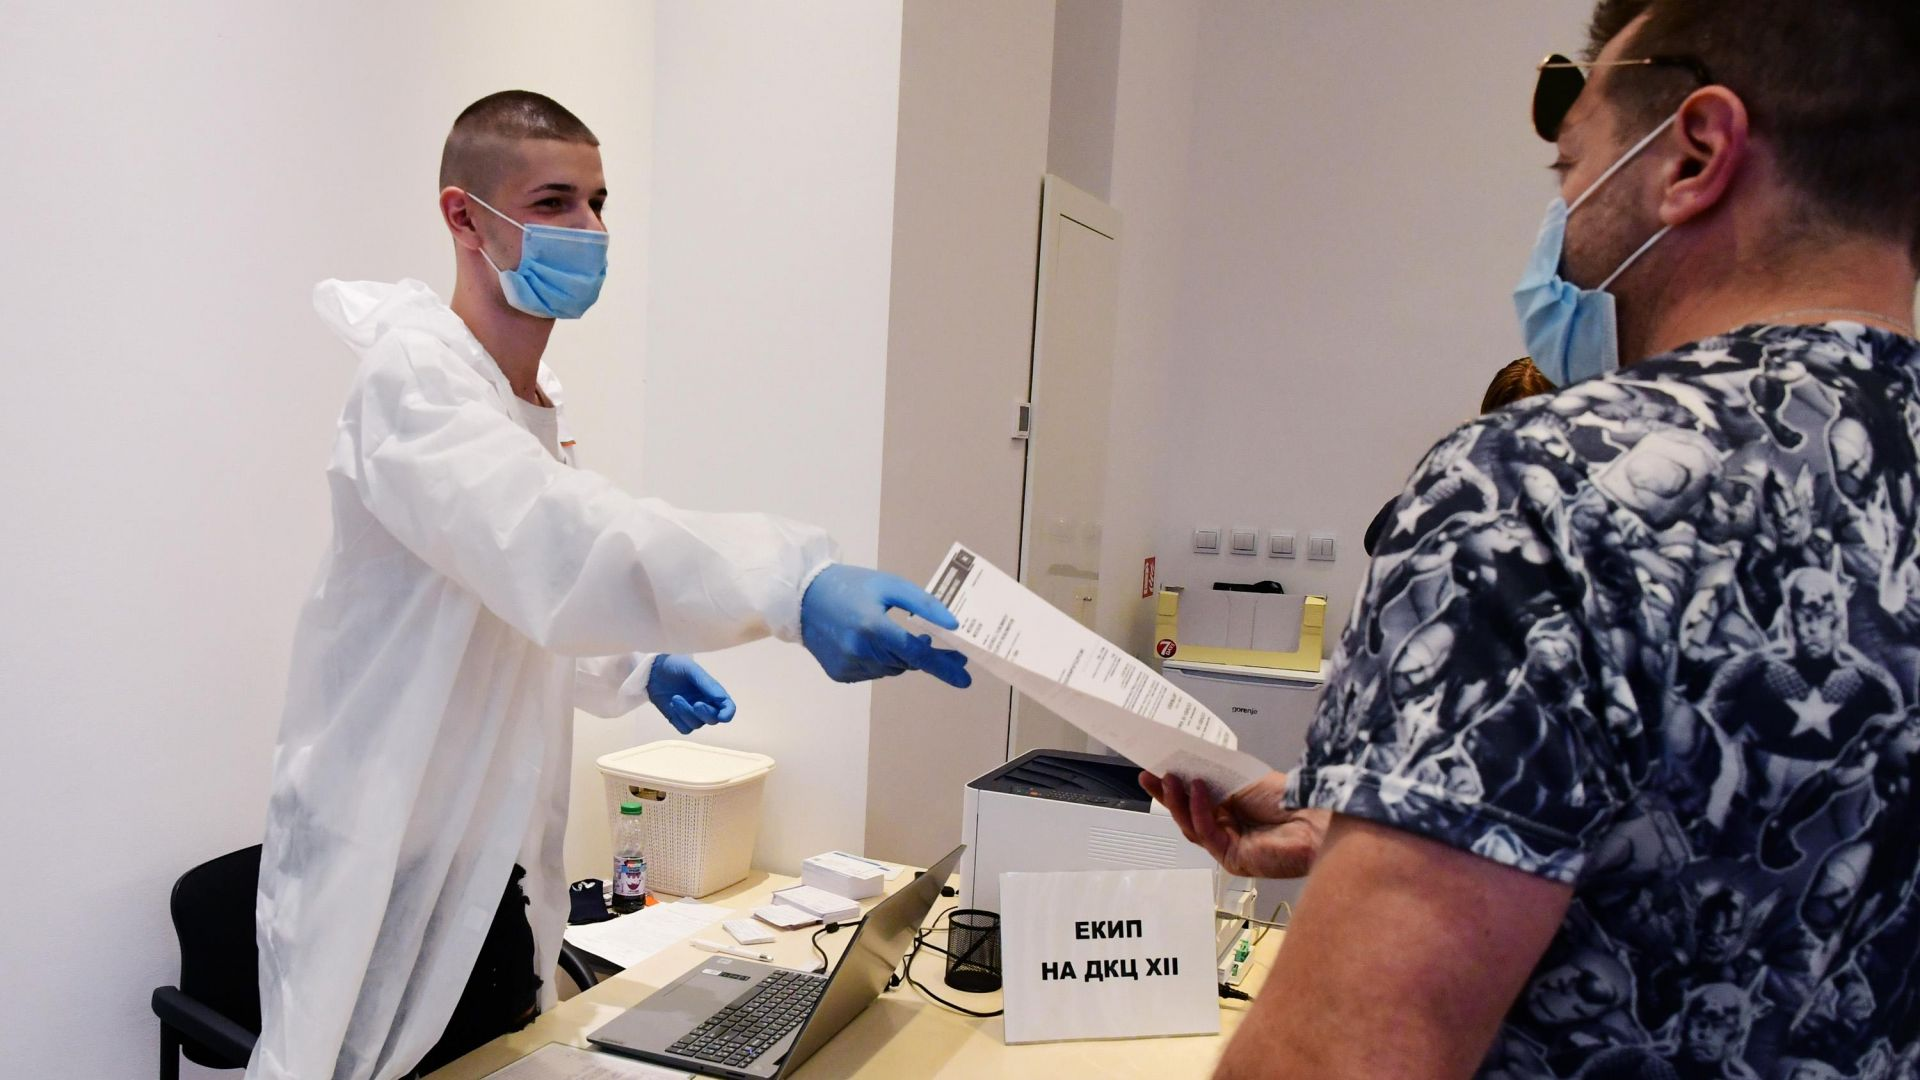 Твърдо нагоре тръгна броят на новозаразените с коронавирус, но и на ваксинираните